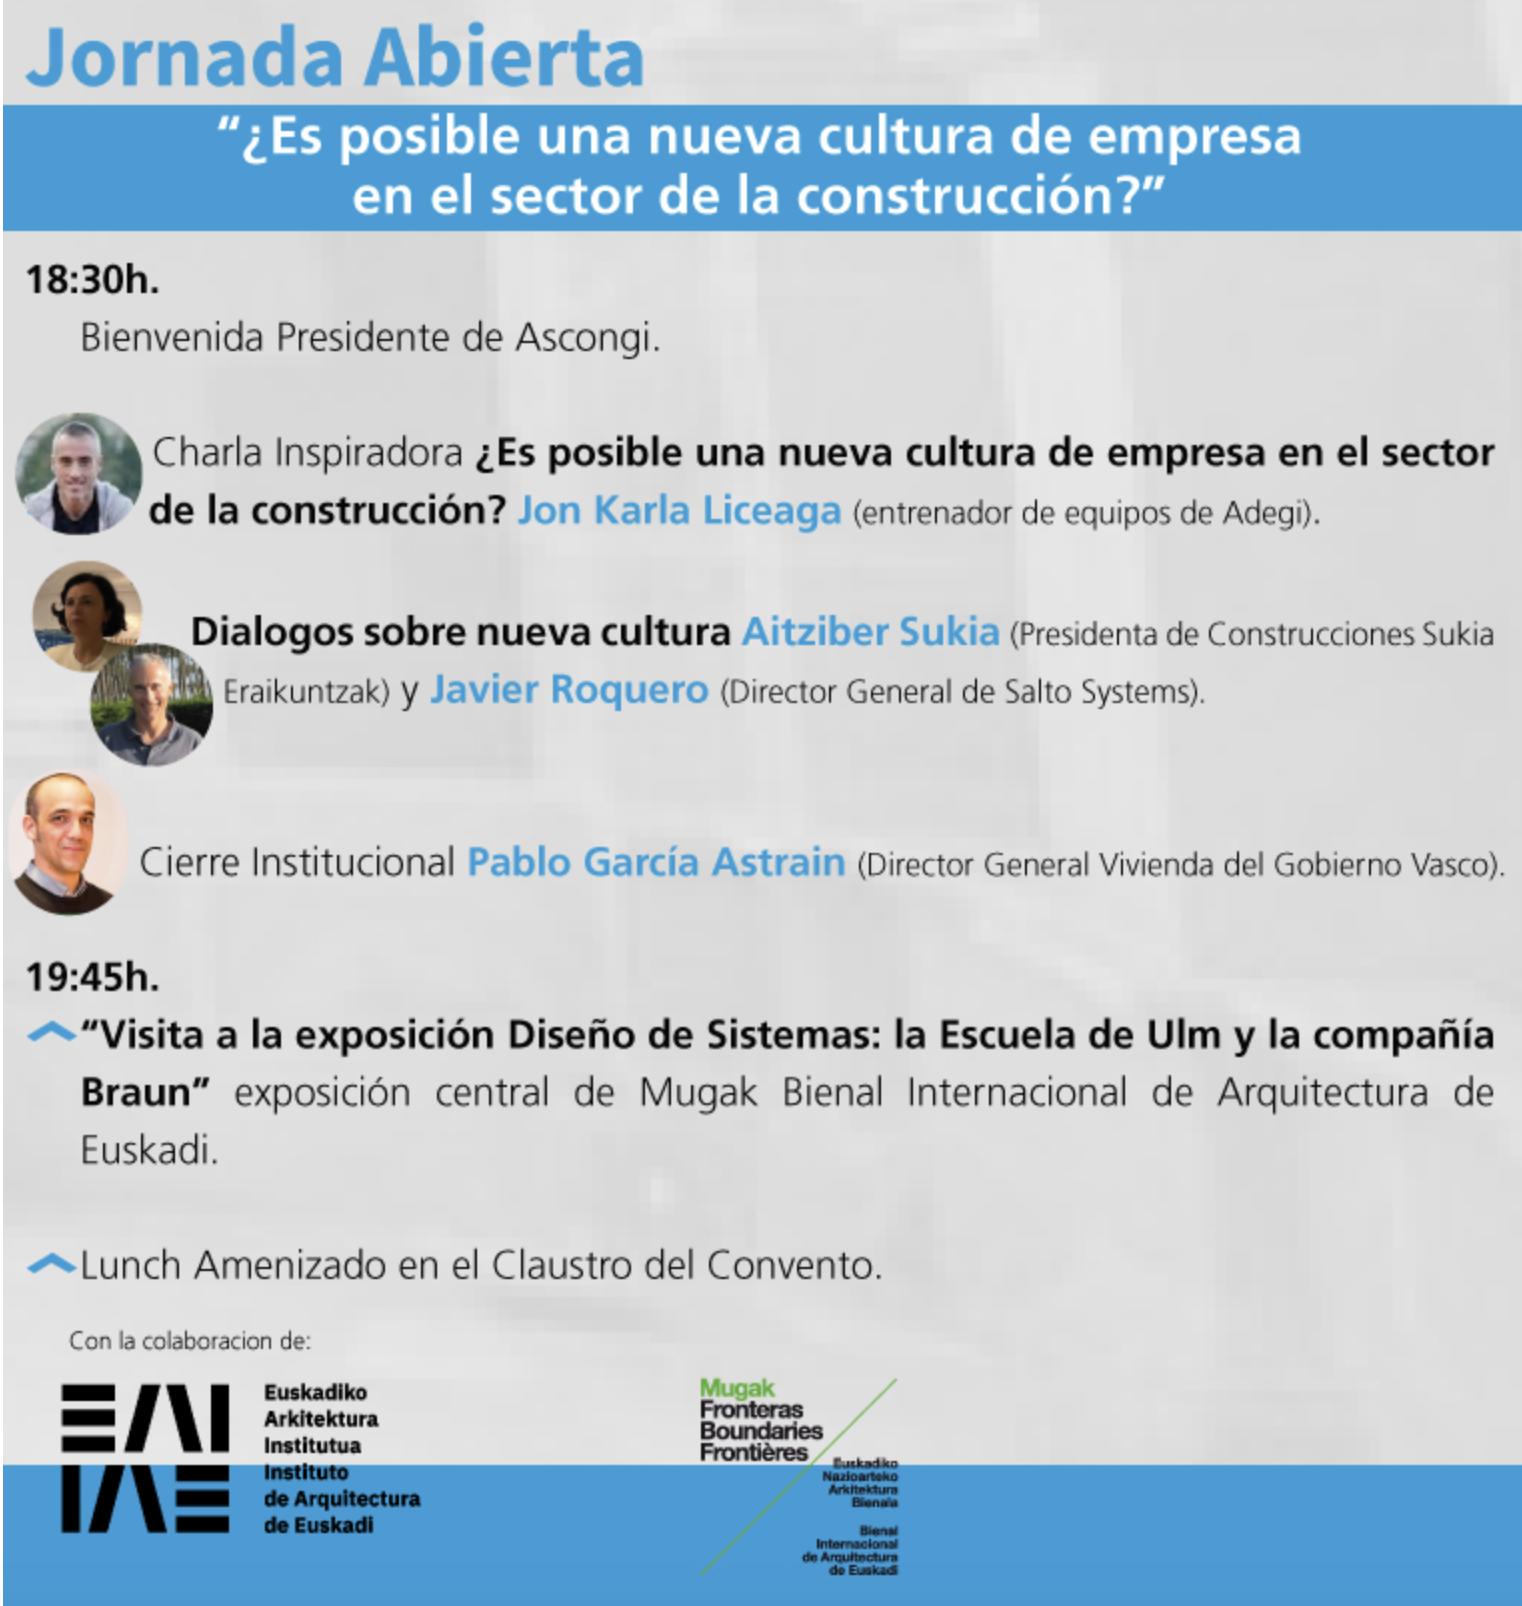 Jornada abierta 2019: ¿Es posible una Nueva Cultura de Empresa en el Sector de la construcción? @ Instituto de Arquitectura de Euskadi